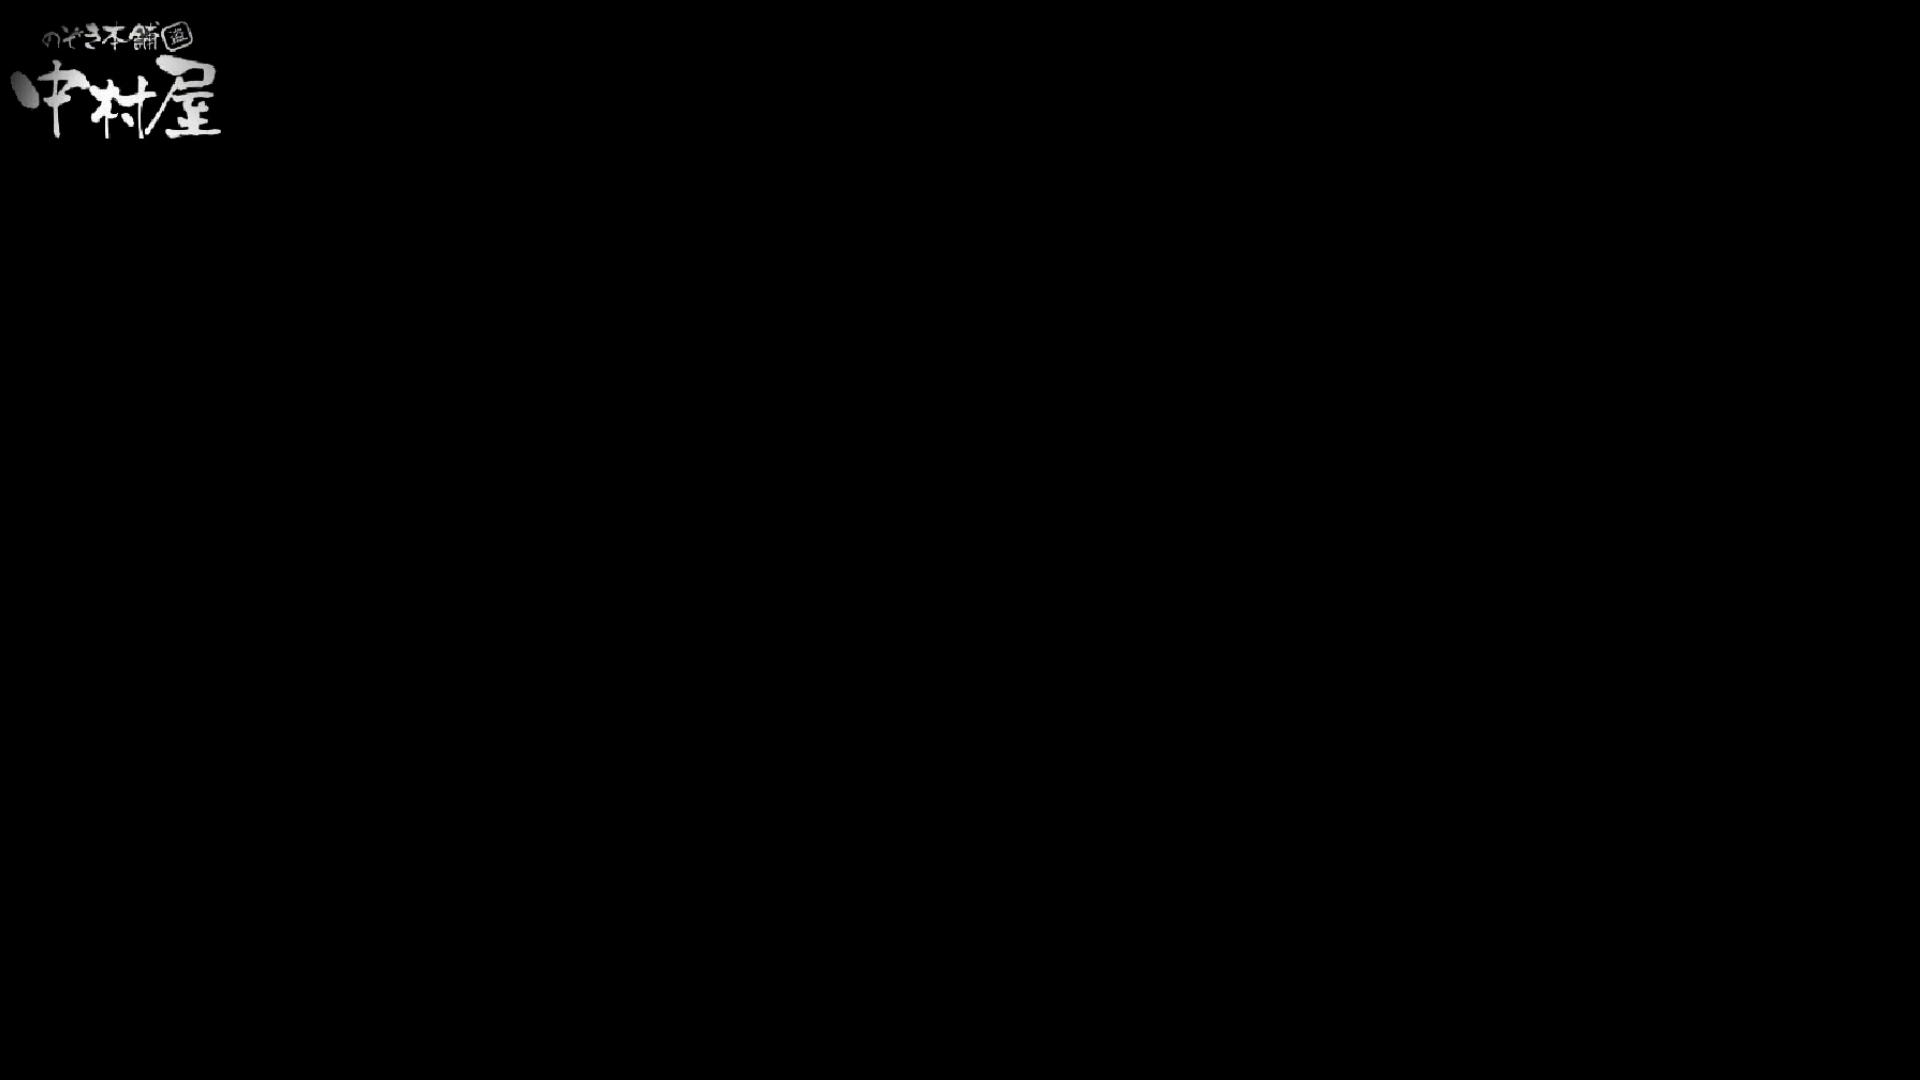 雅さんが厳選新年特別コンテンツ!激走!東京マラソン選手専用女子トイレvol.9 トイレ 盗撮 105PIX 25